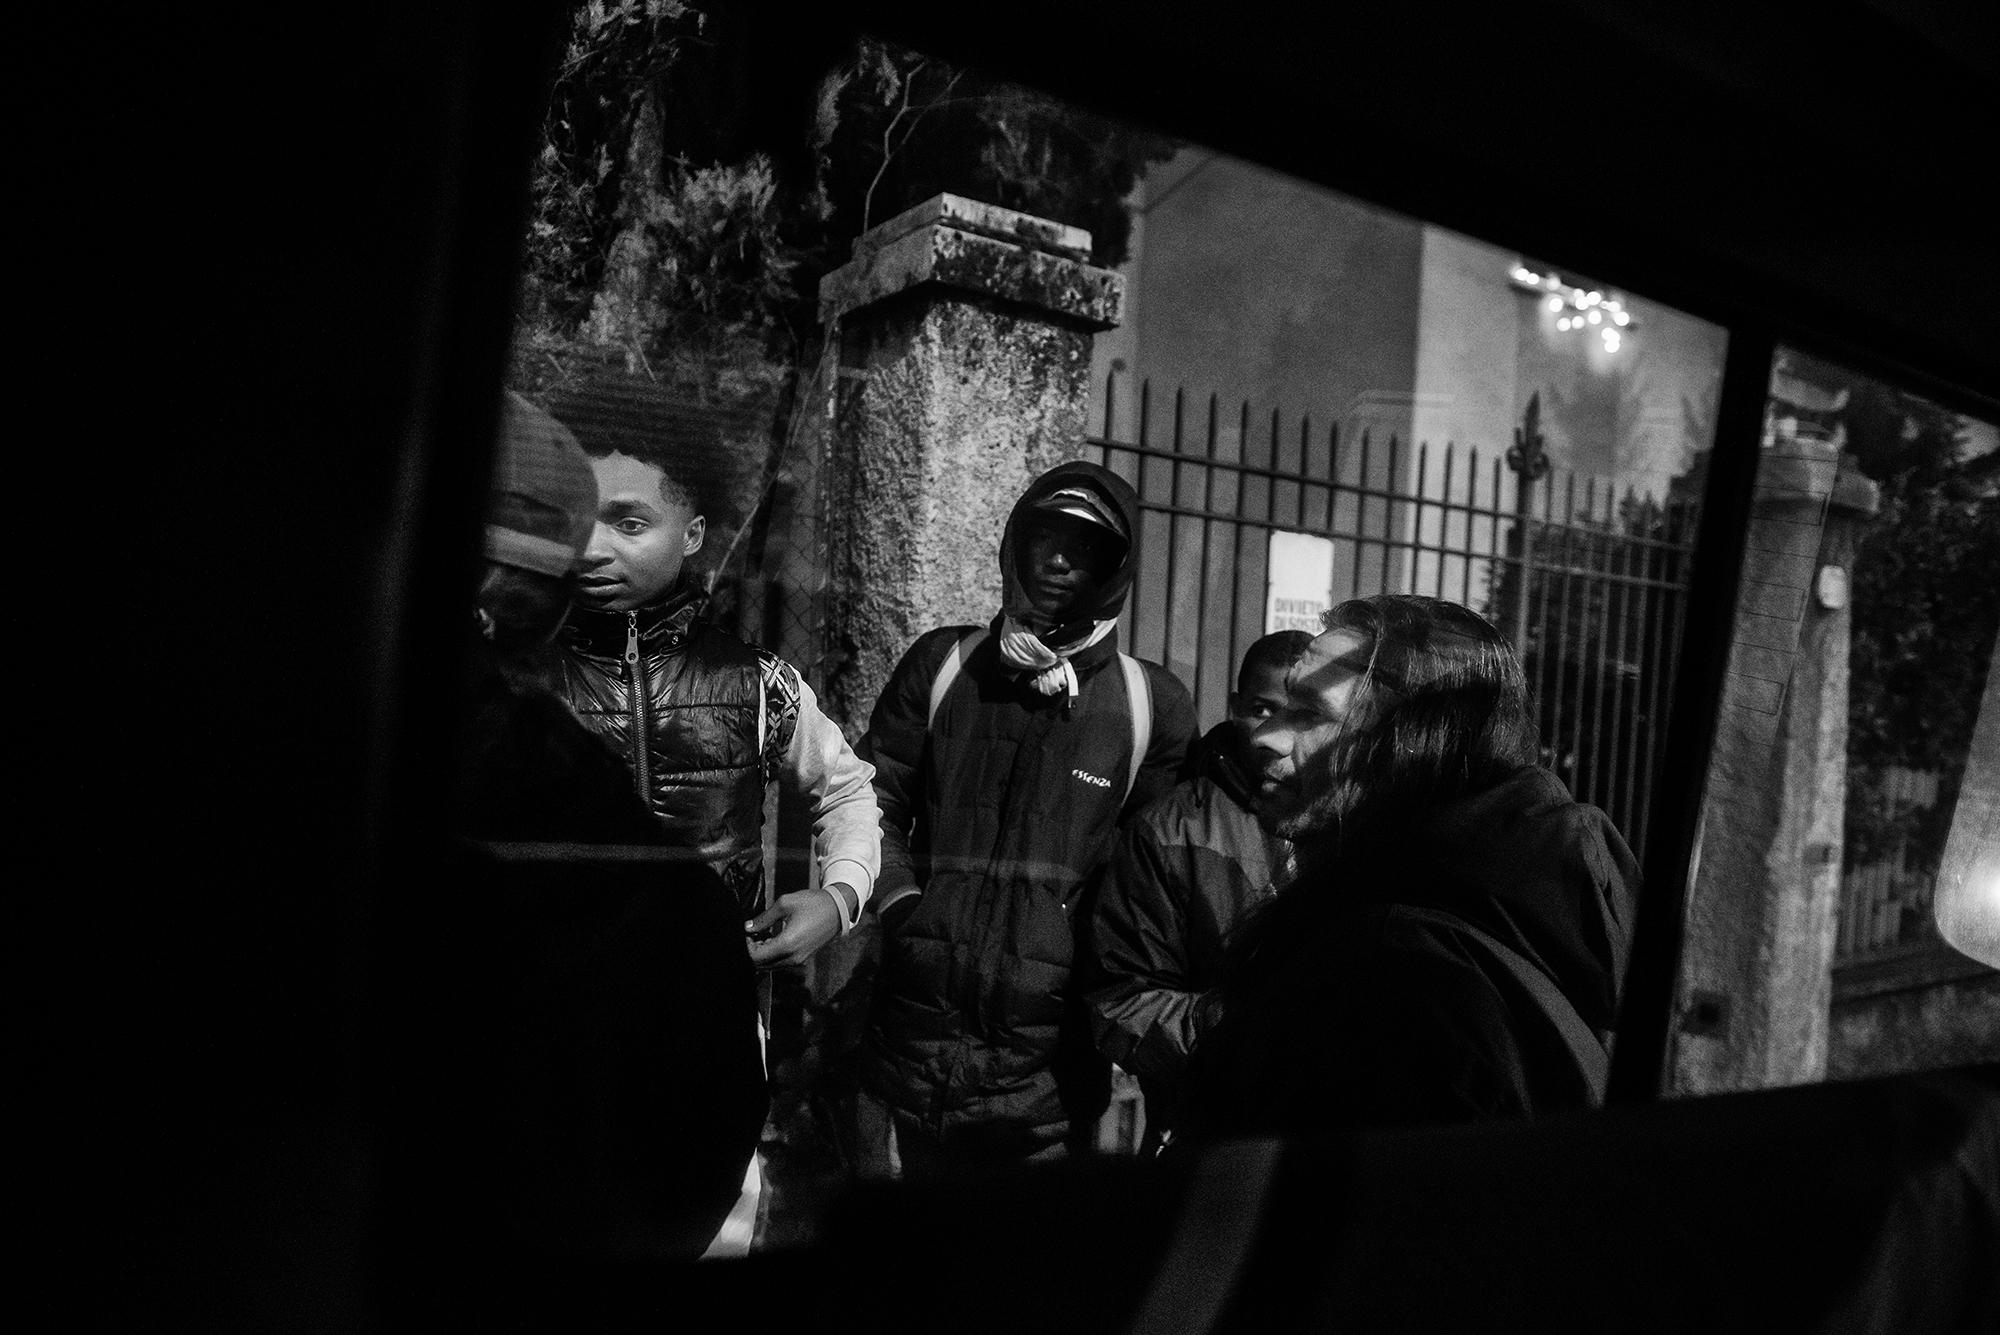 I volontari trovano un gruppo di migranti appena espulsi dalla Svizzera alla dogana di Ponte Chiasso. E' una notte di metà dicembre (Mattia Vacca)